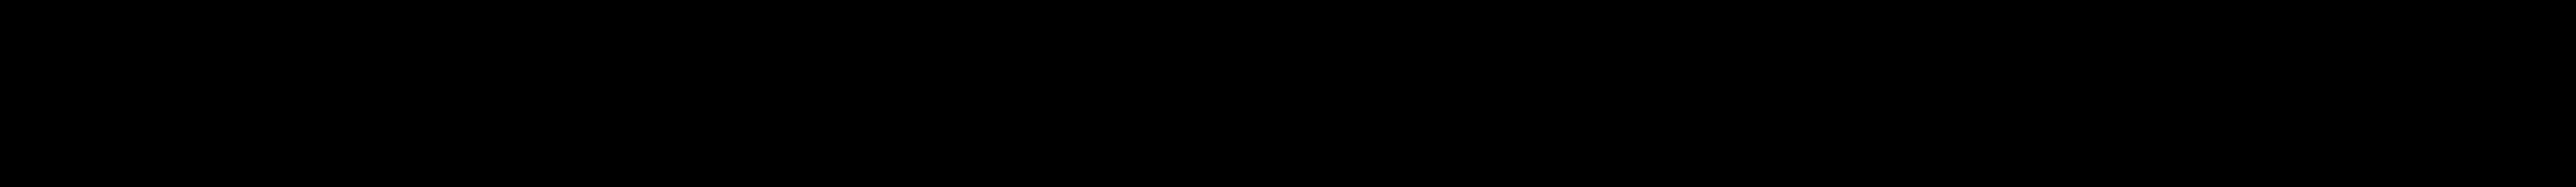 Guanabara Sans Extra Bold Italic